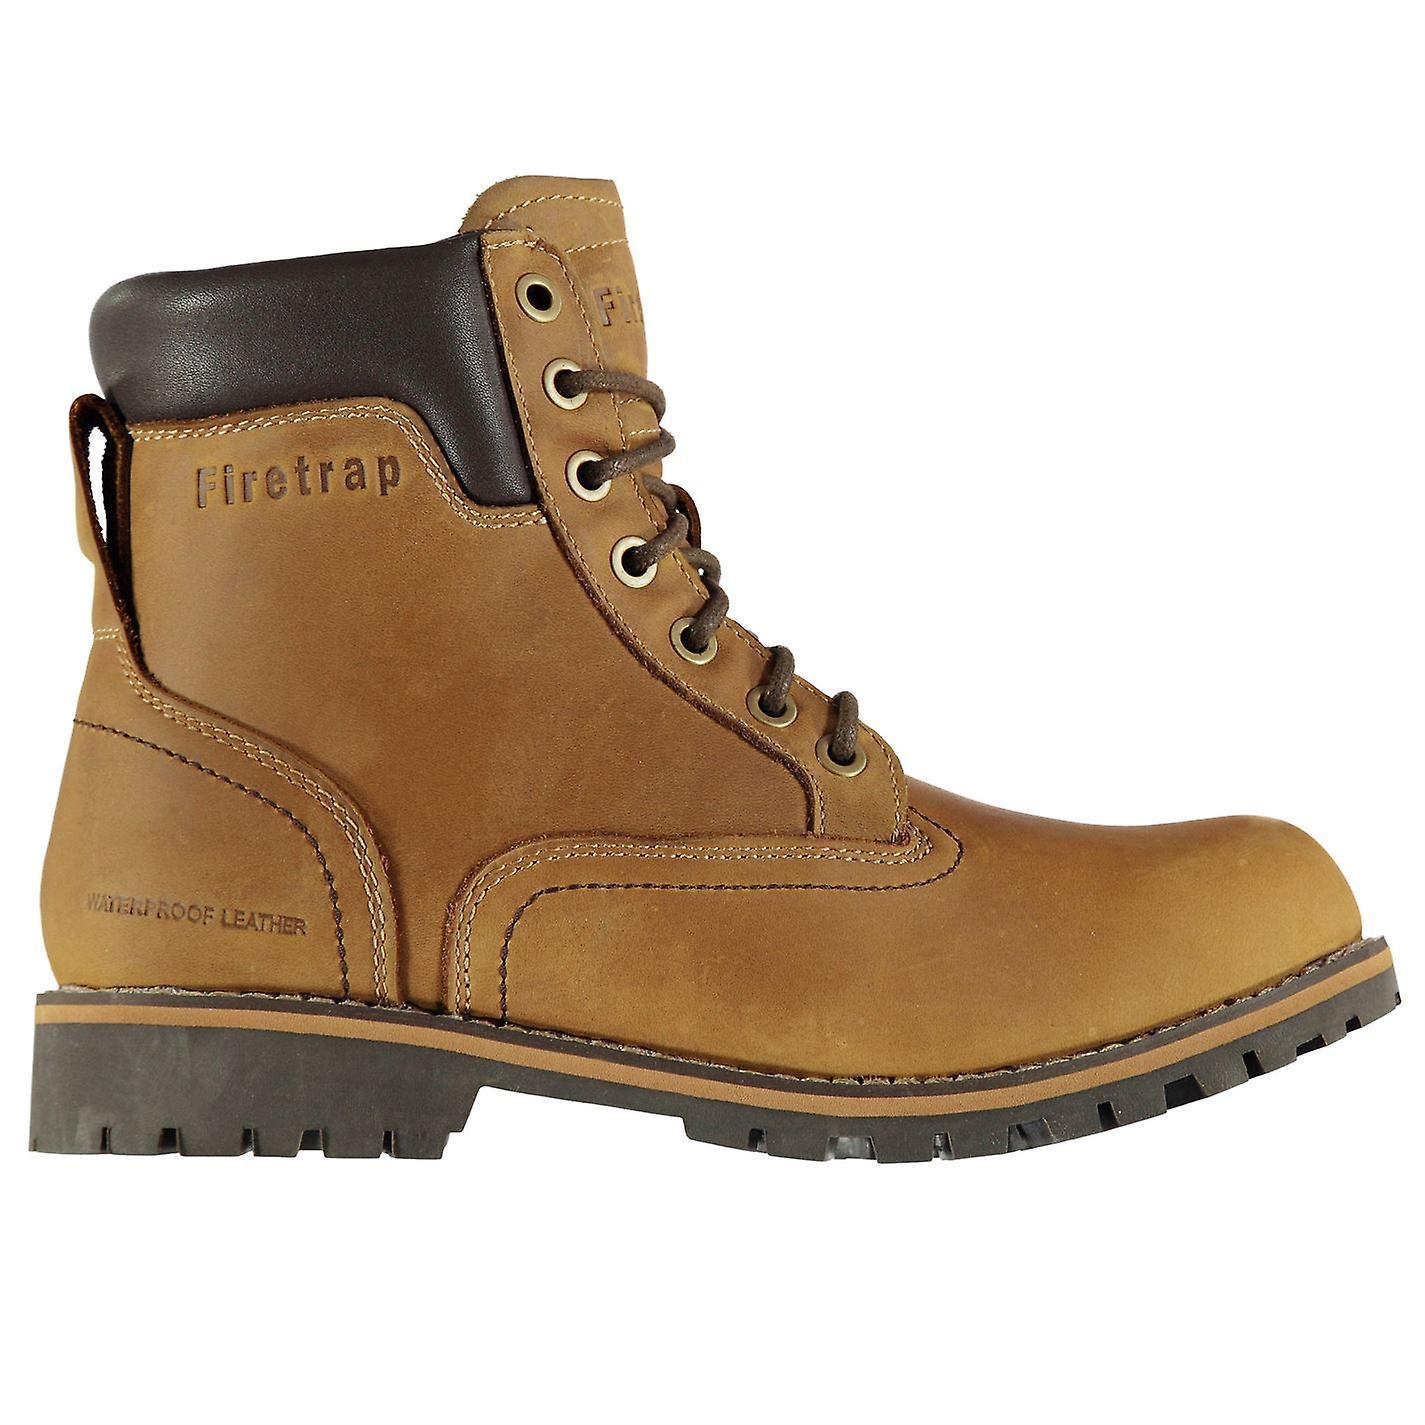 Firetrap Mens Total Bt bottes lacets de chaussures de sport chaussures neuf